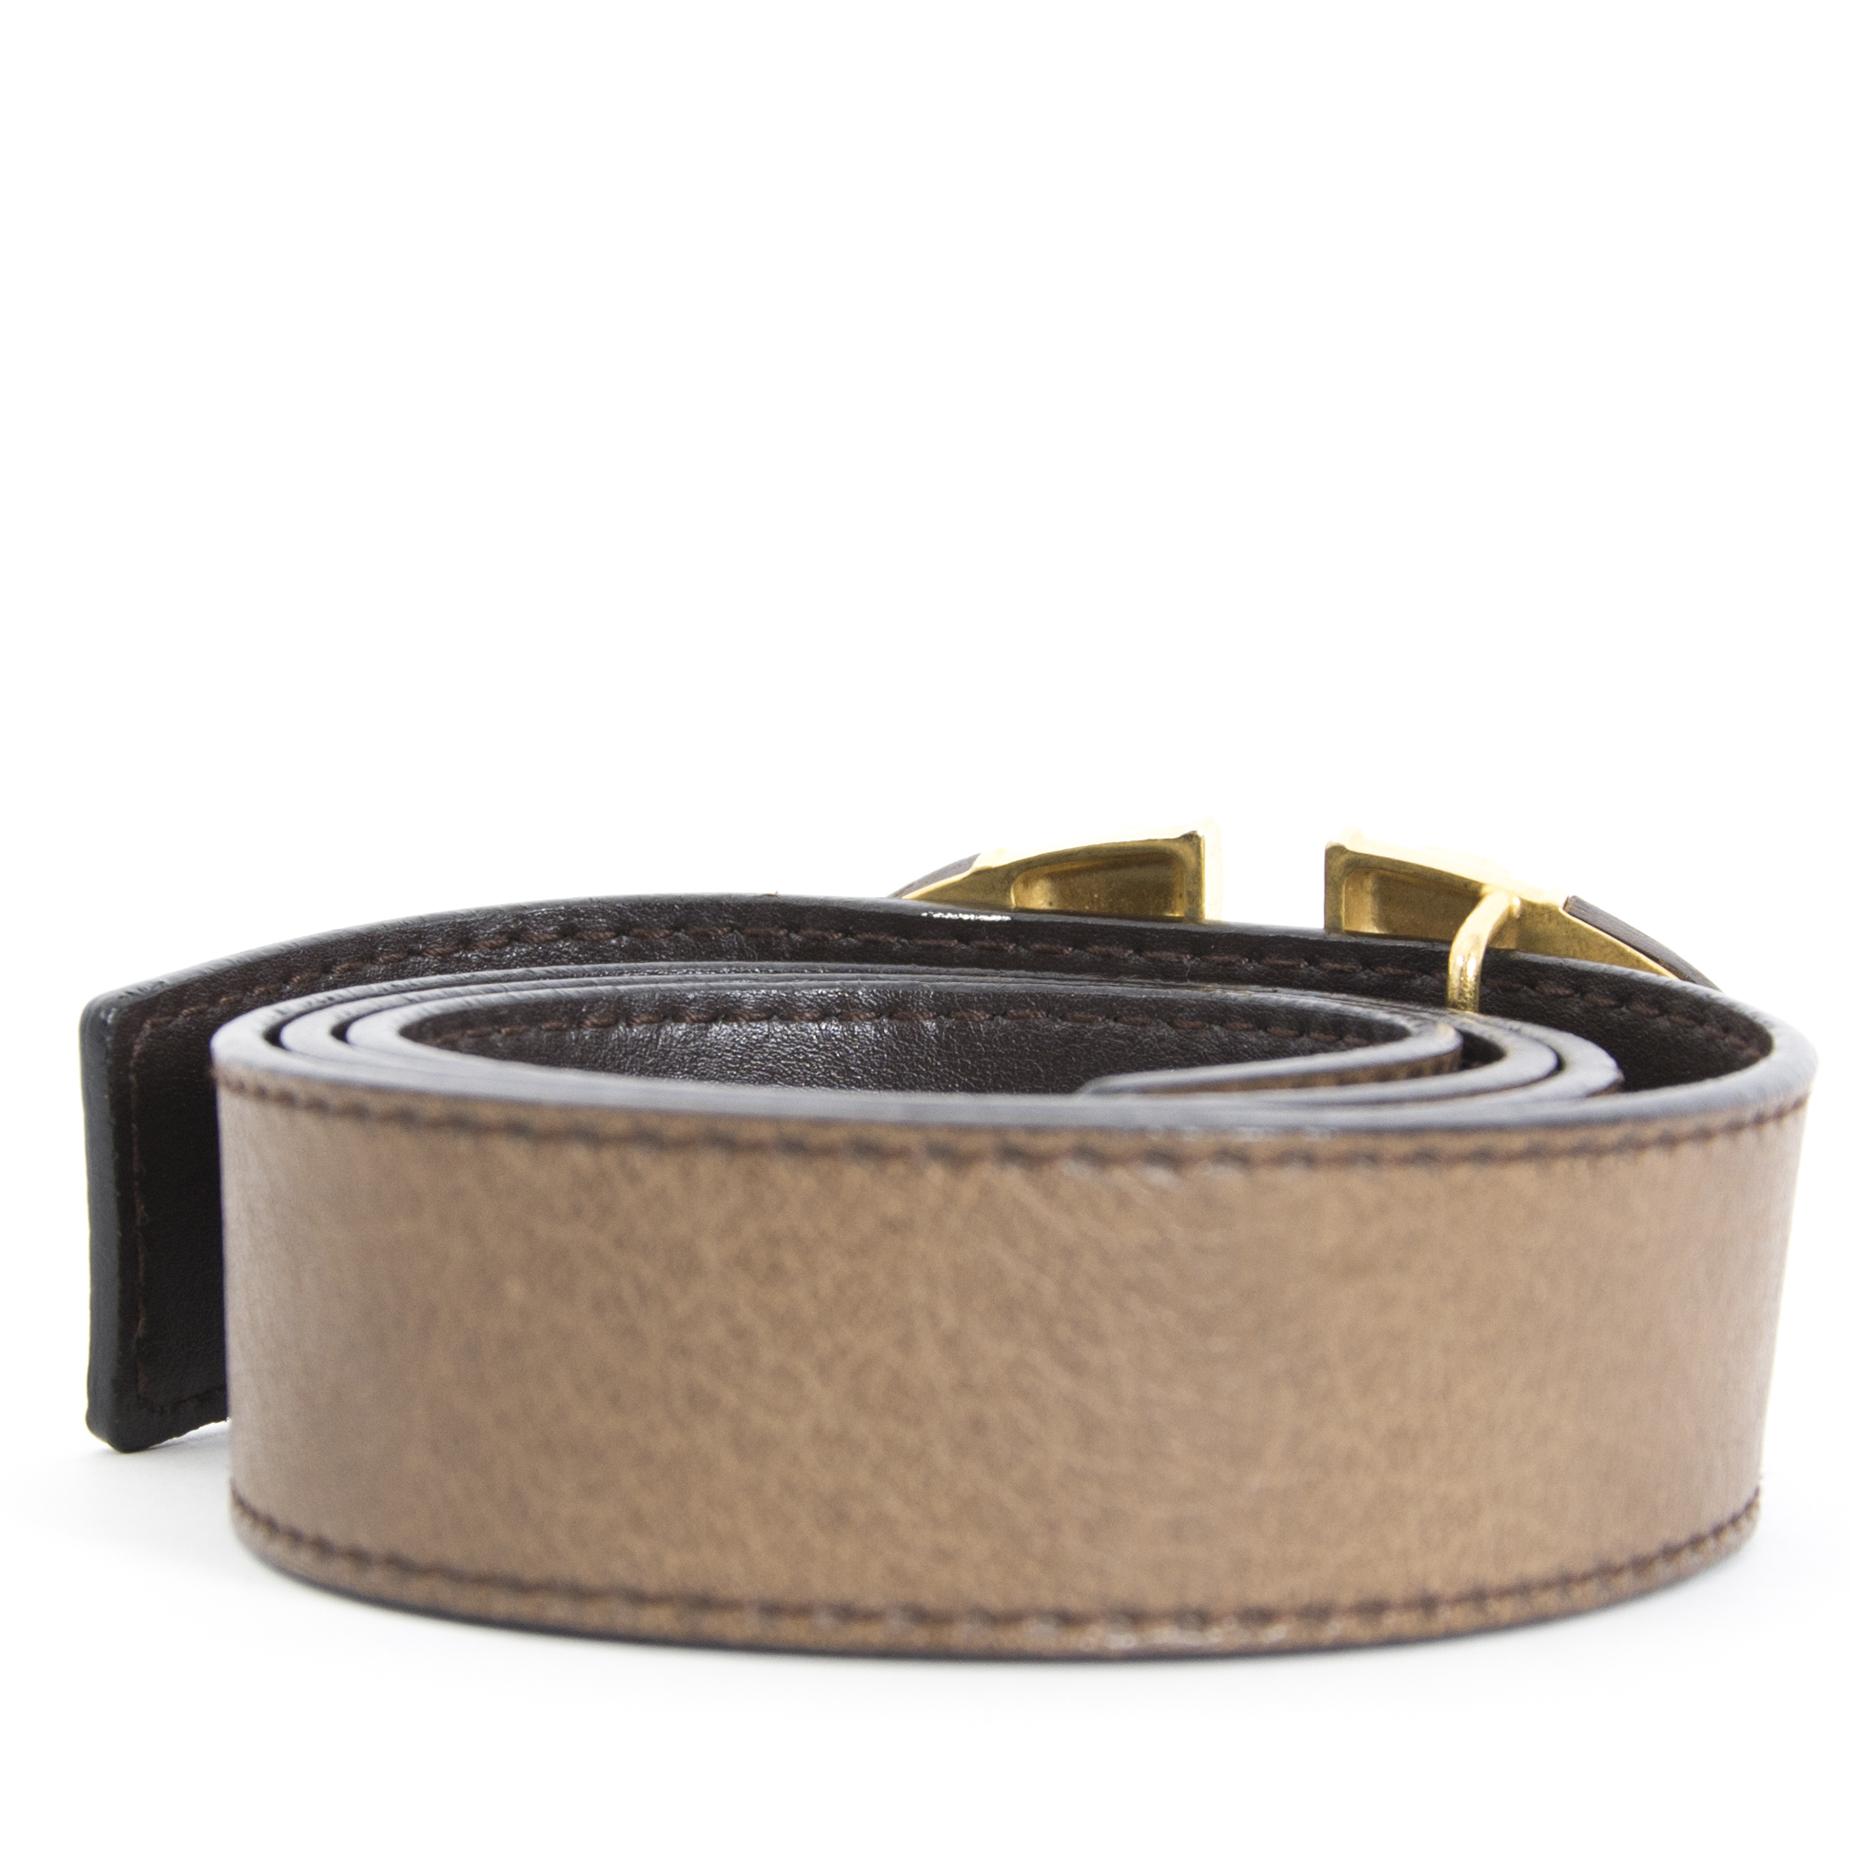 Achetez maintenant en ligne Valentino Brown Leather Belt - size 85 chez labellov.com